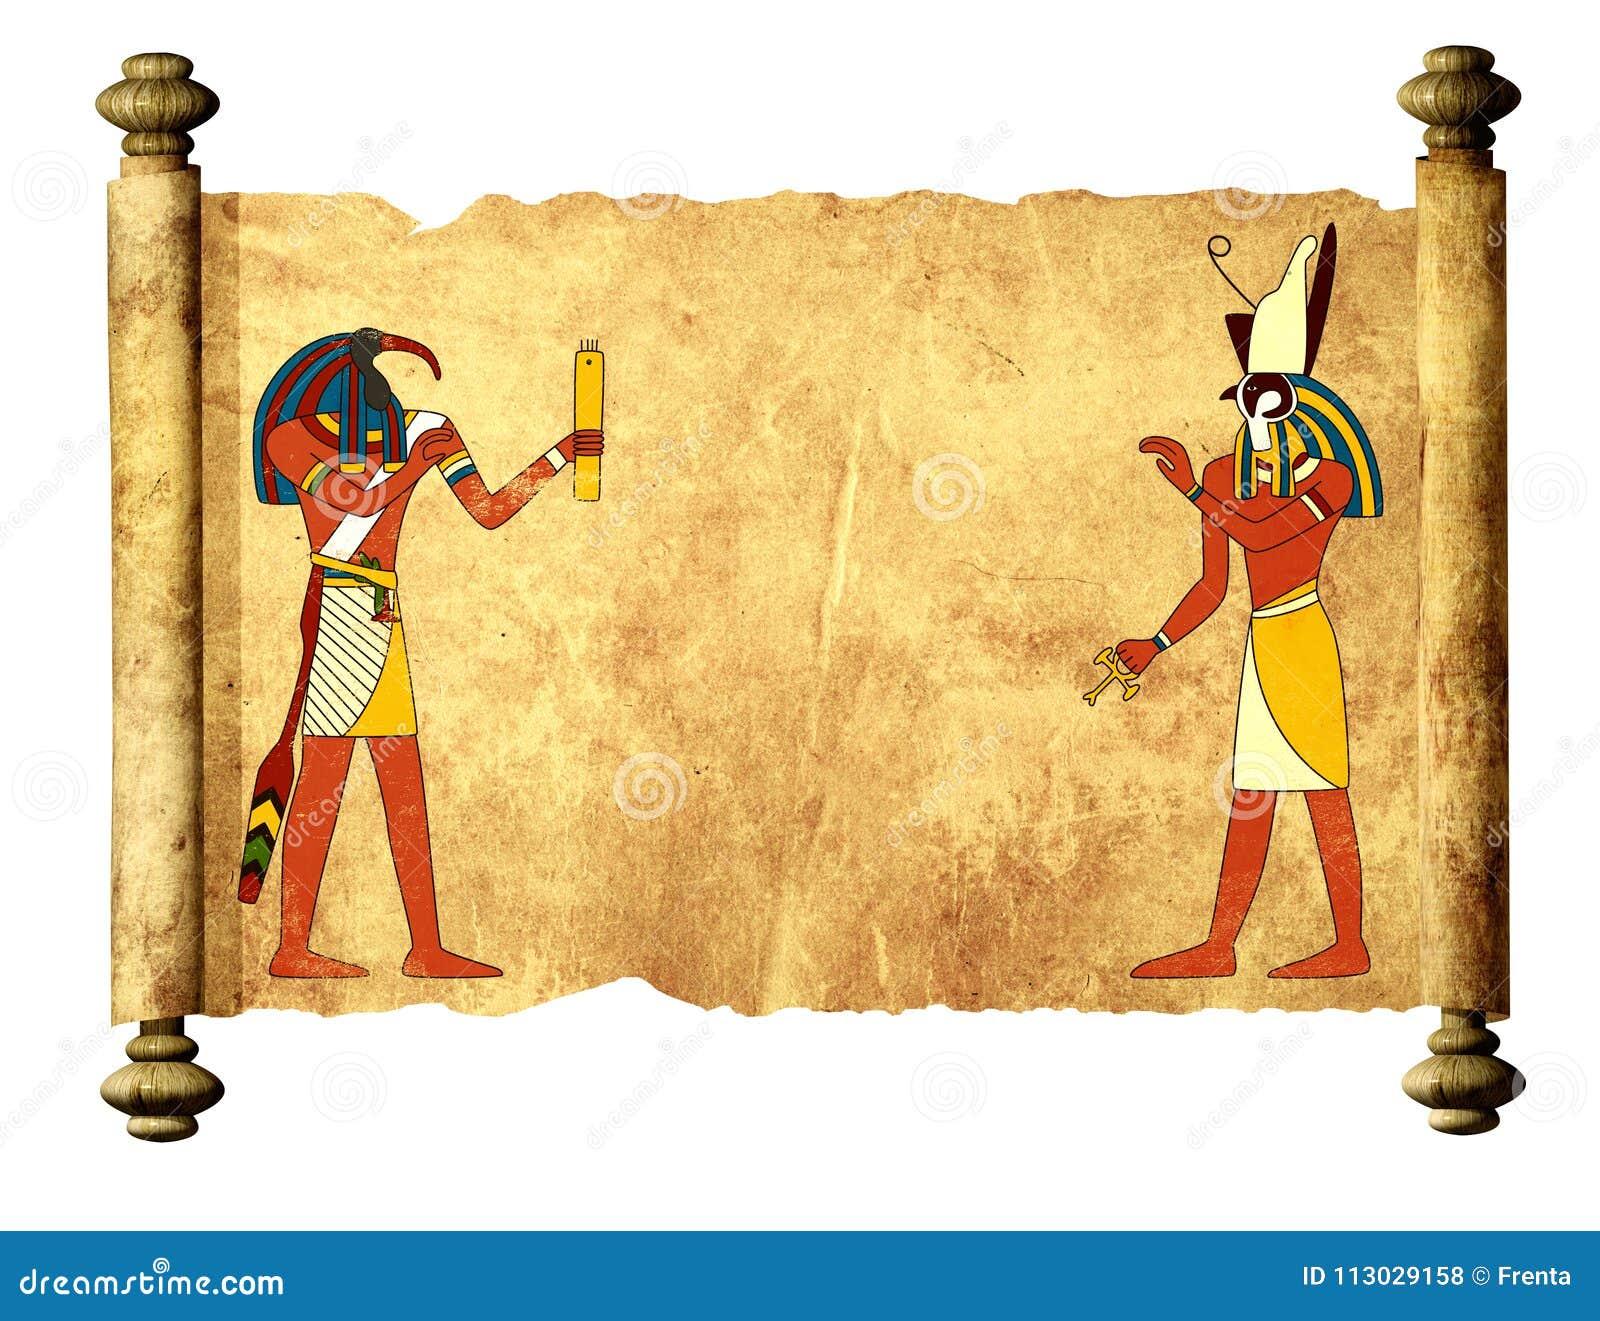 Pergamino viejo con las imágenes egipcias Toth y Horus de dioses